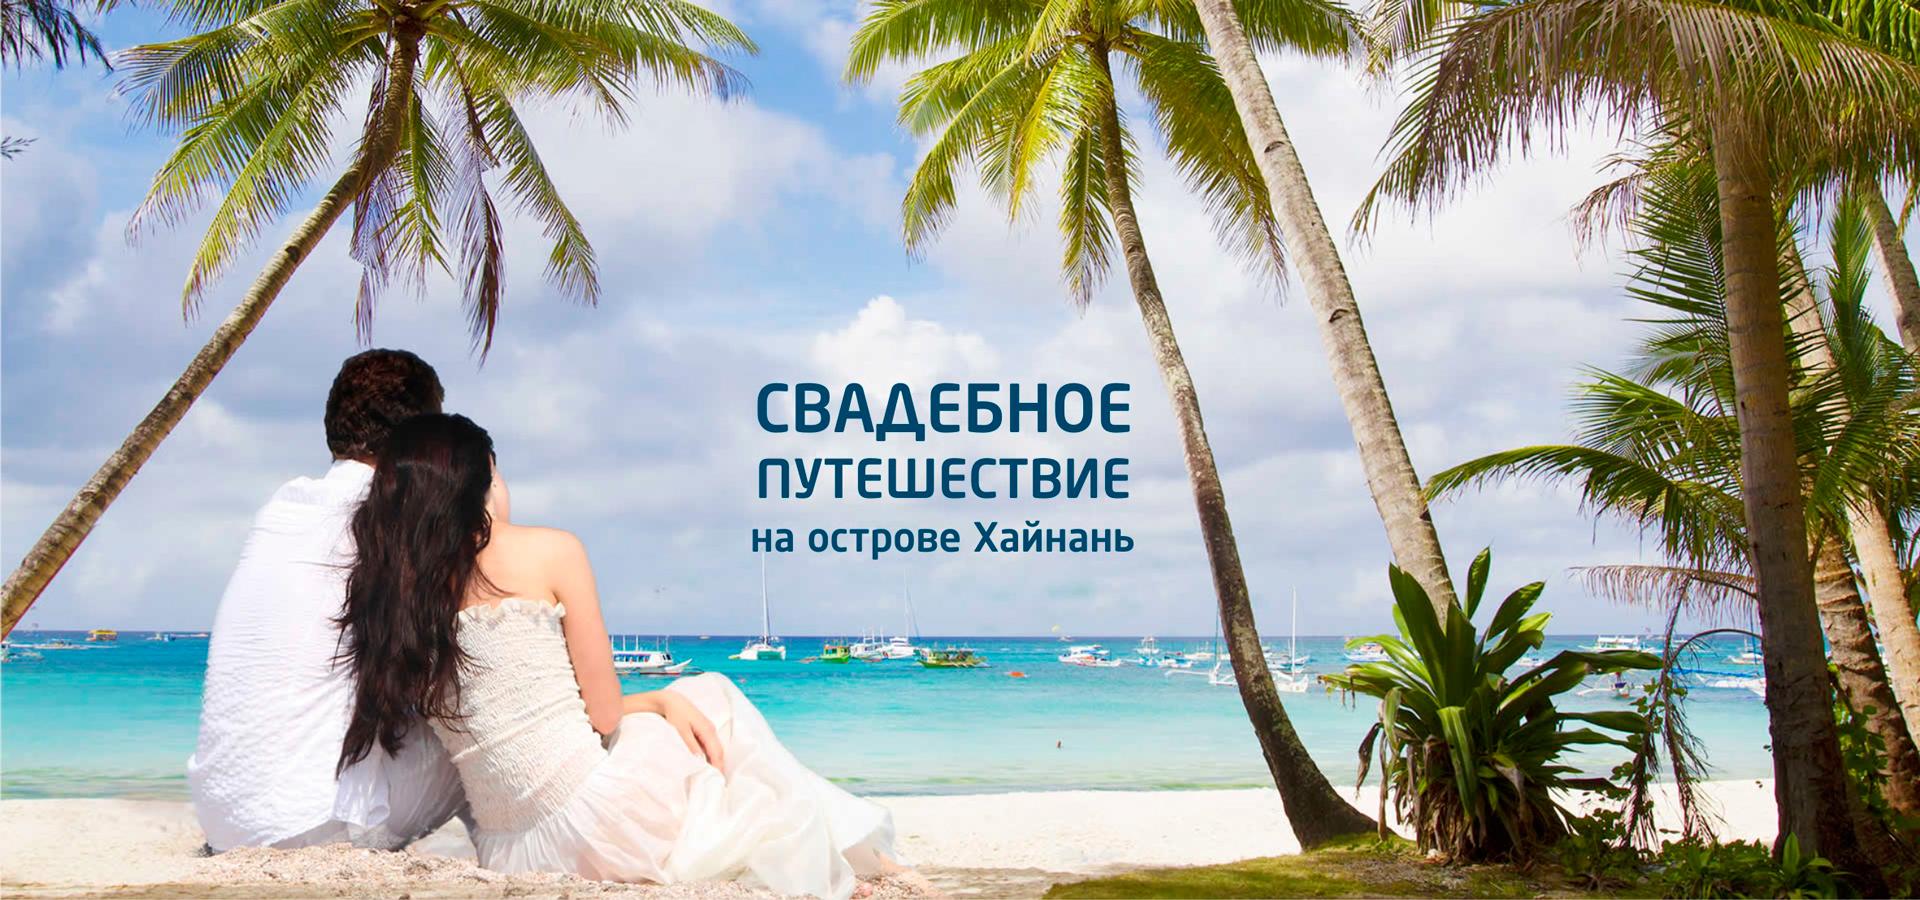 Остров Хайнань - Свадебное путешествие